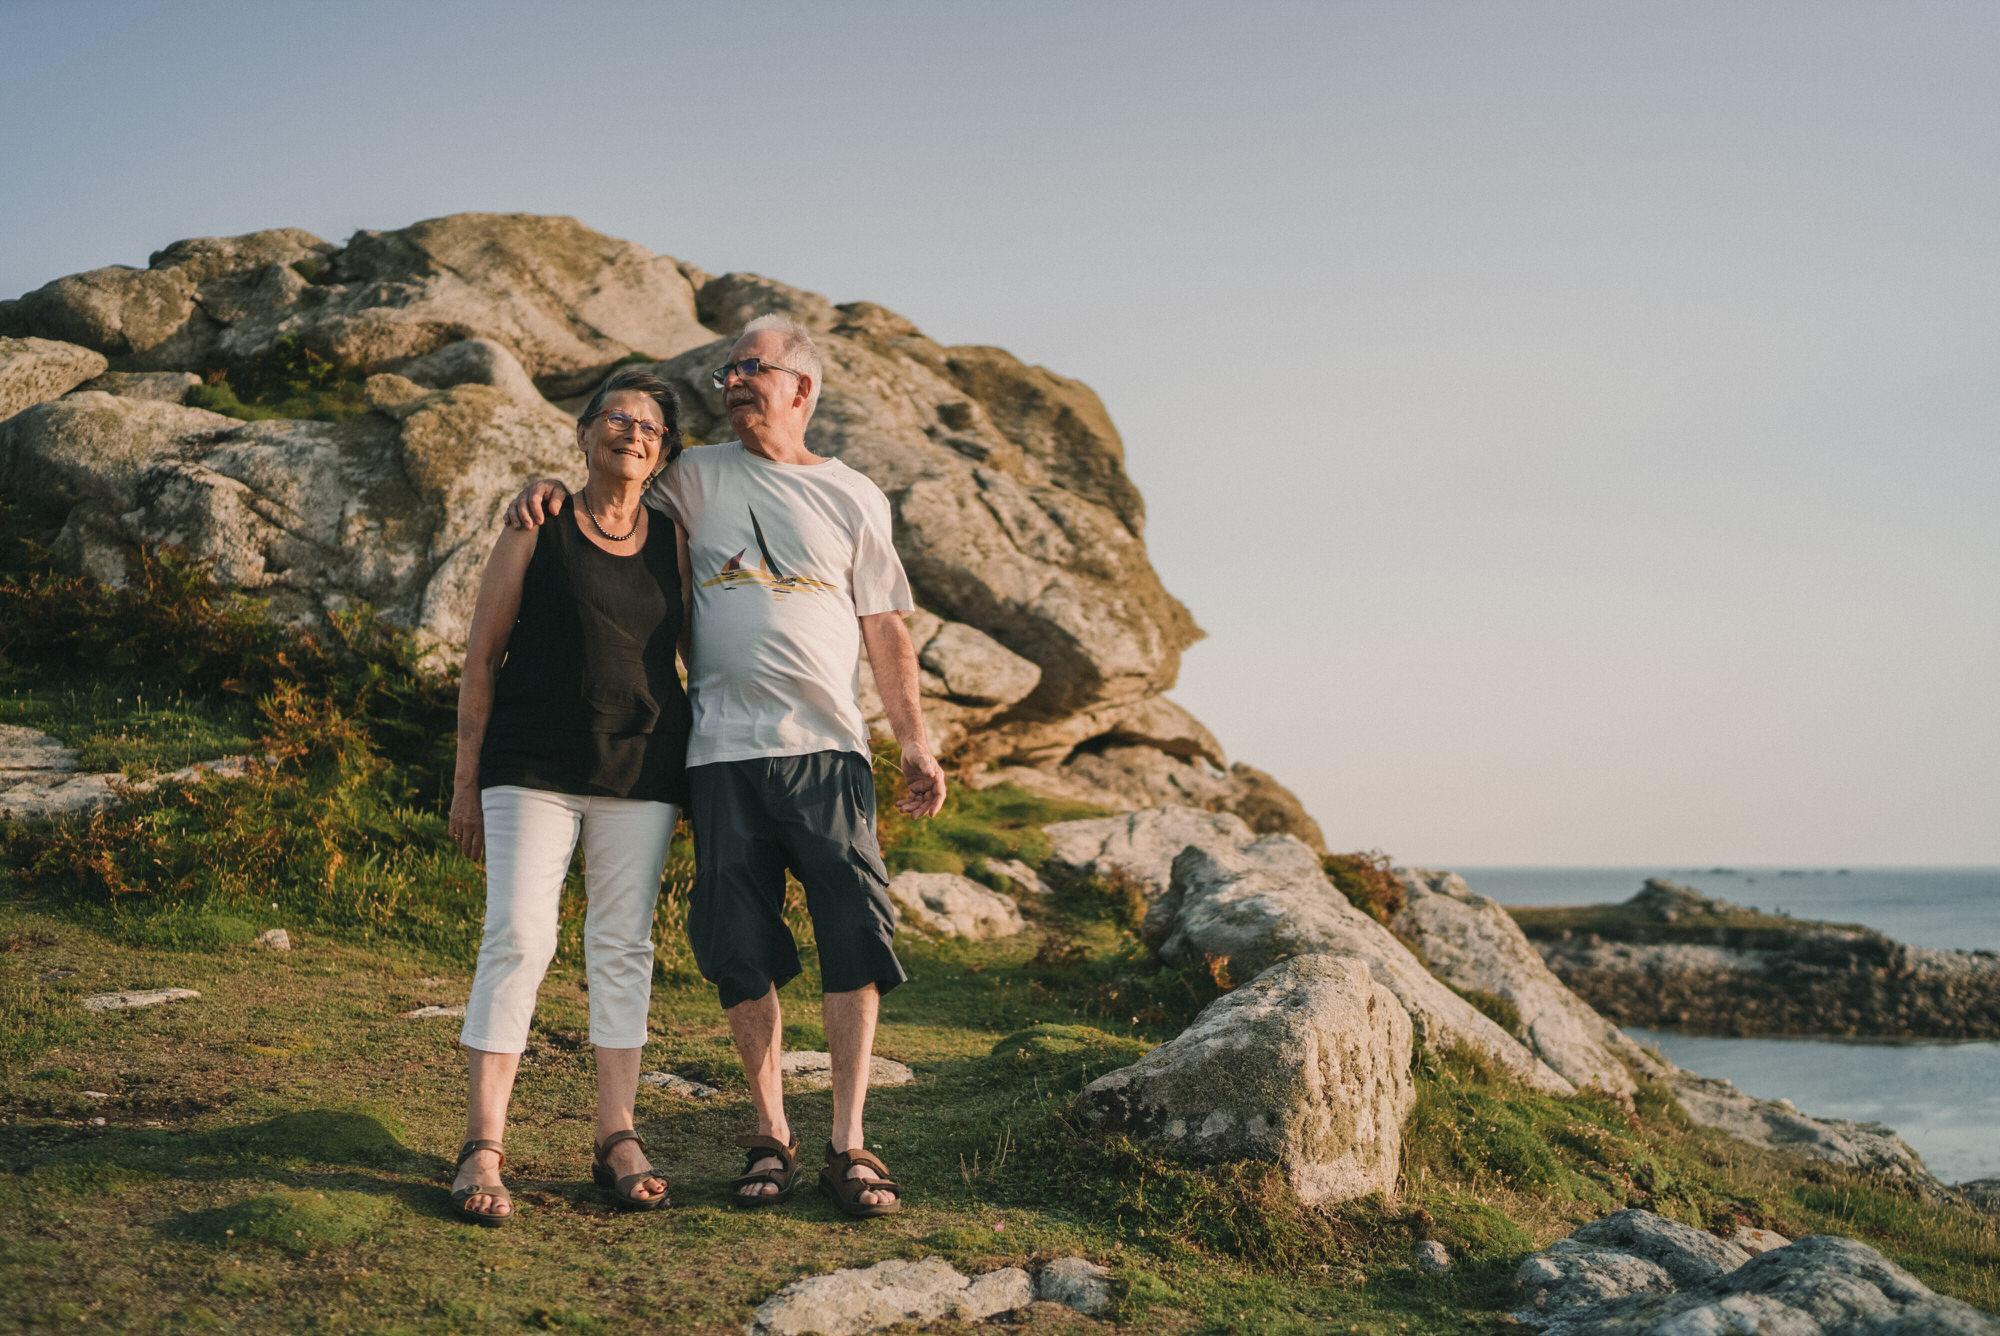 2021.07.20 Photo De Famille A Porspoder En Bretagne Par Antoine Borzeix 157, Photographe & Videaste à Brest / Finistère